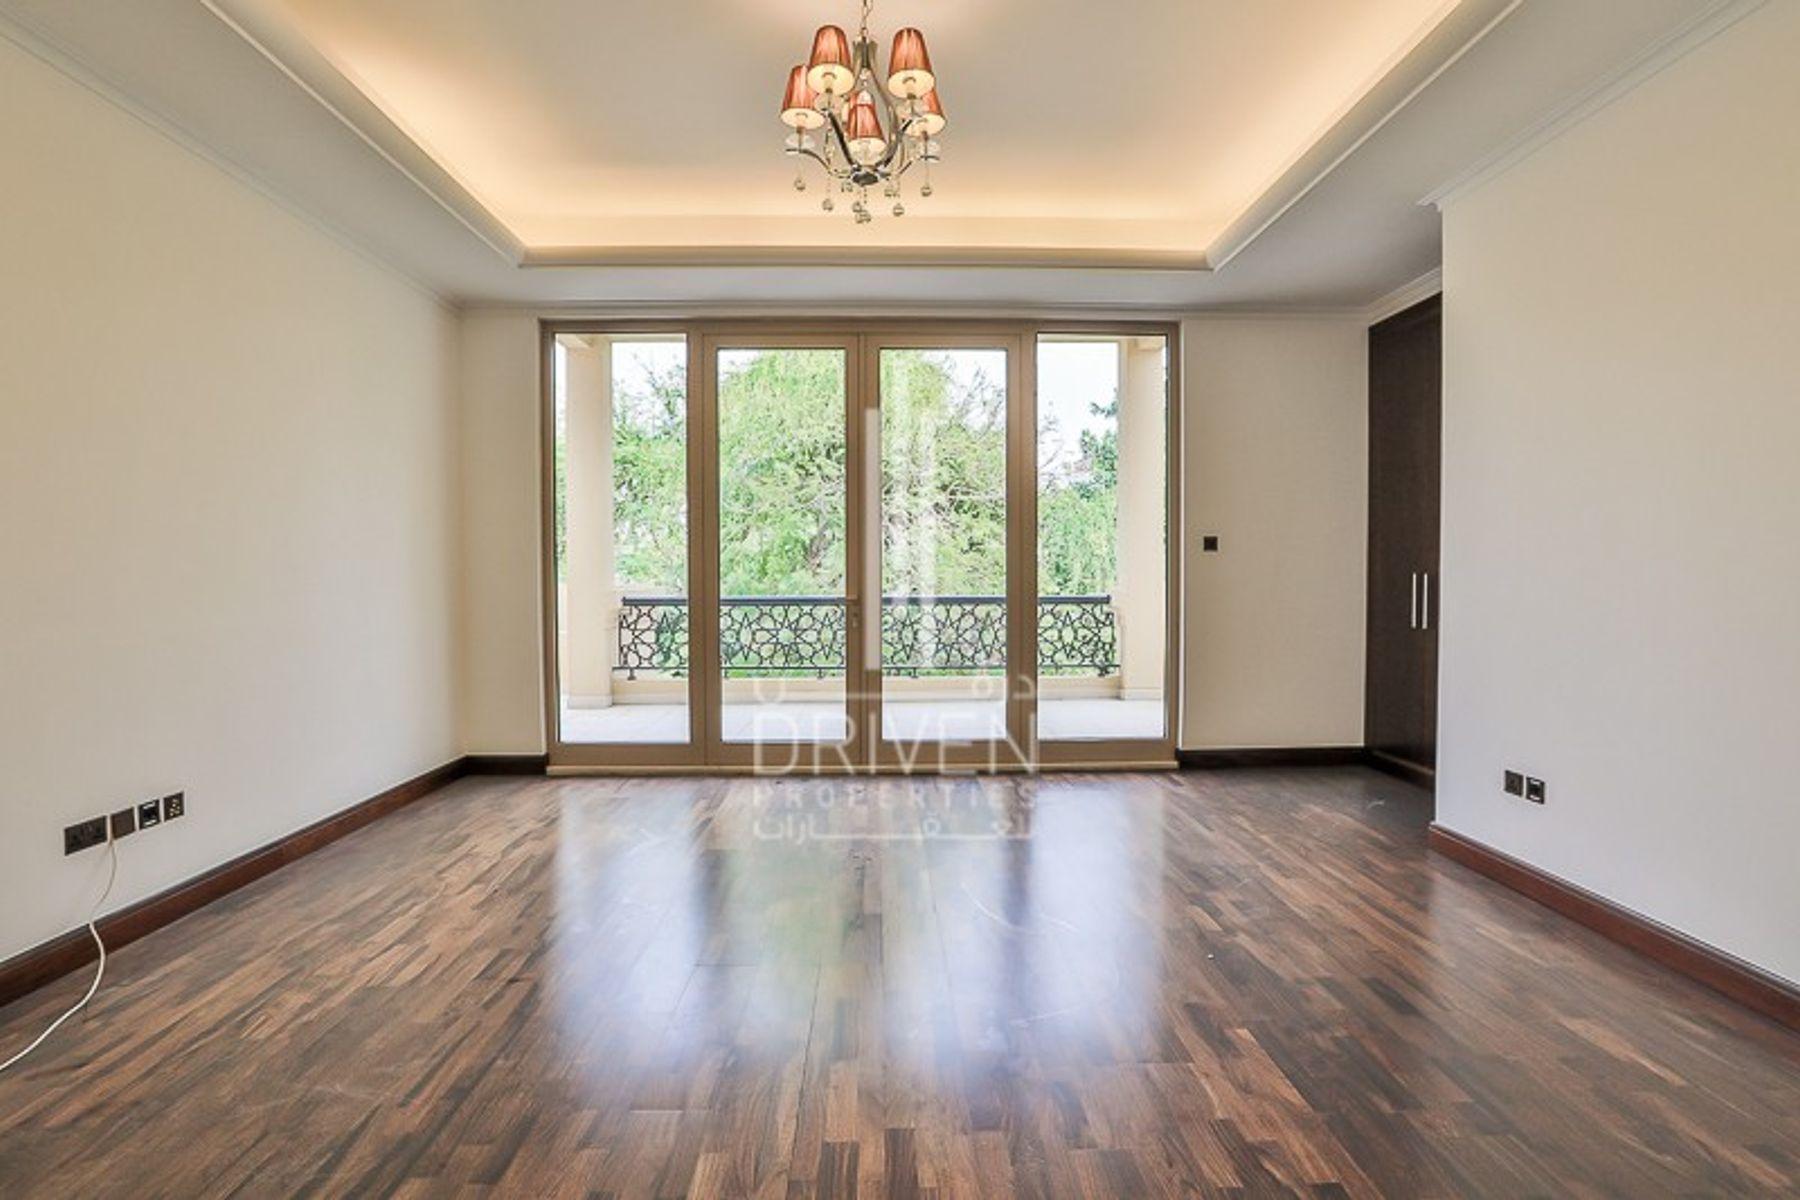 Villa for Sale in Bromellia - Al Barari